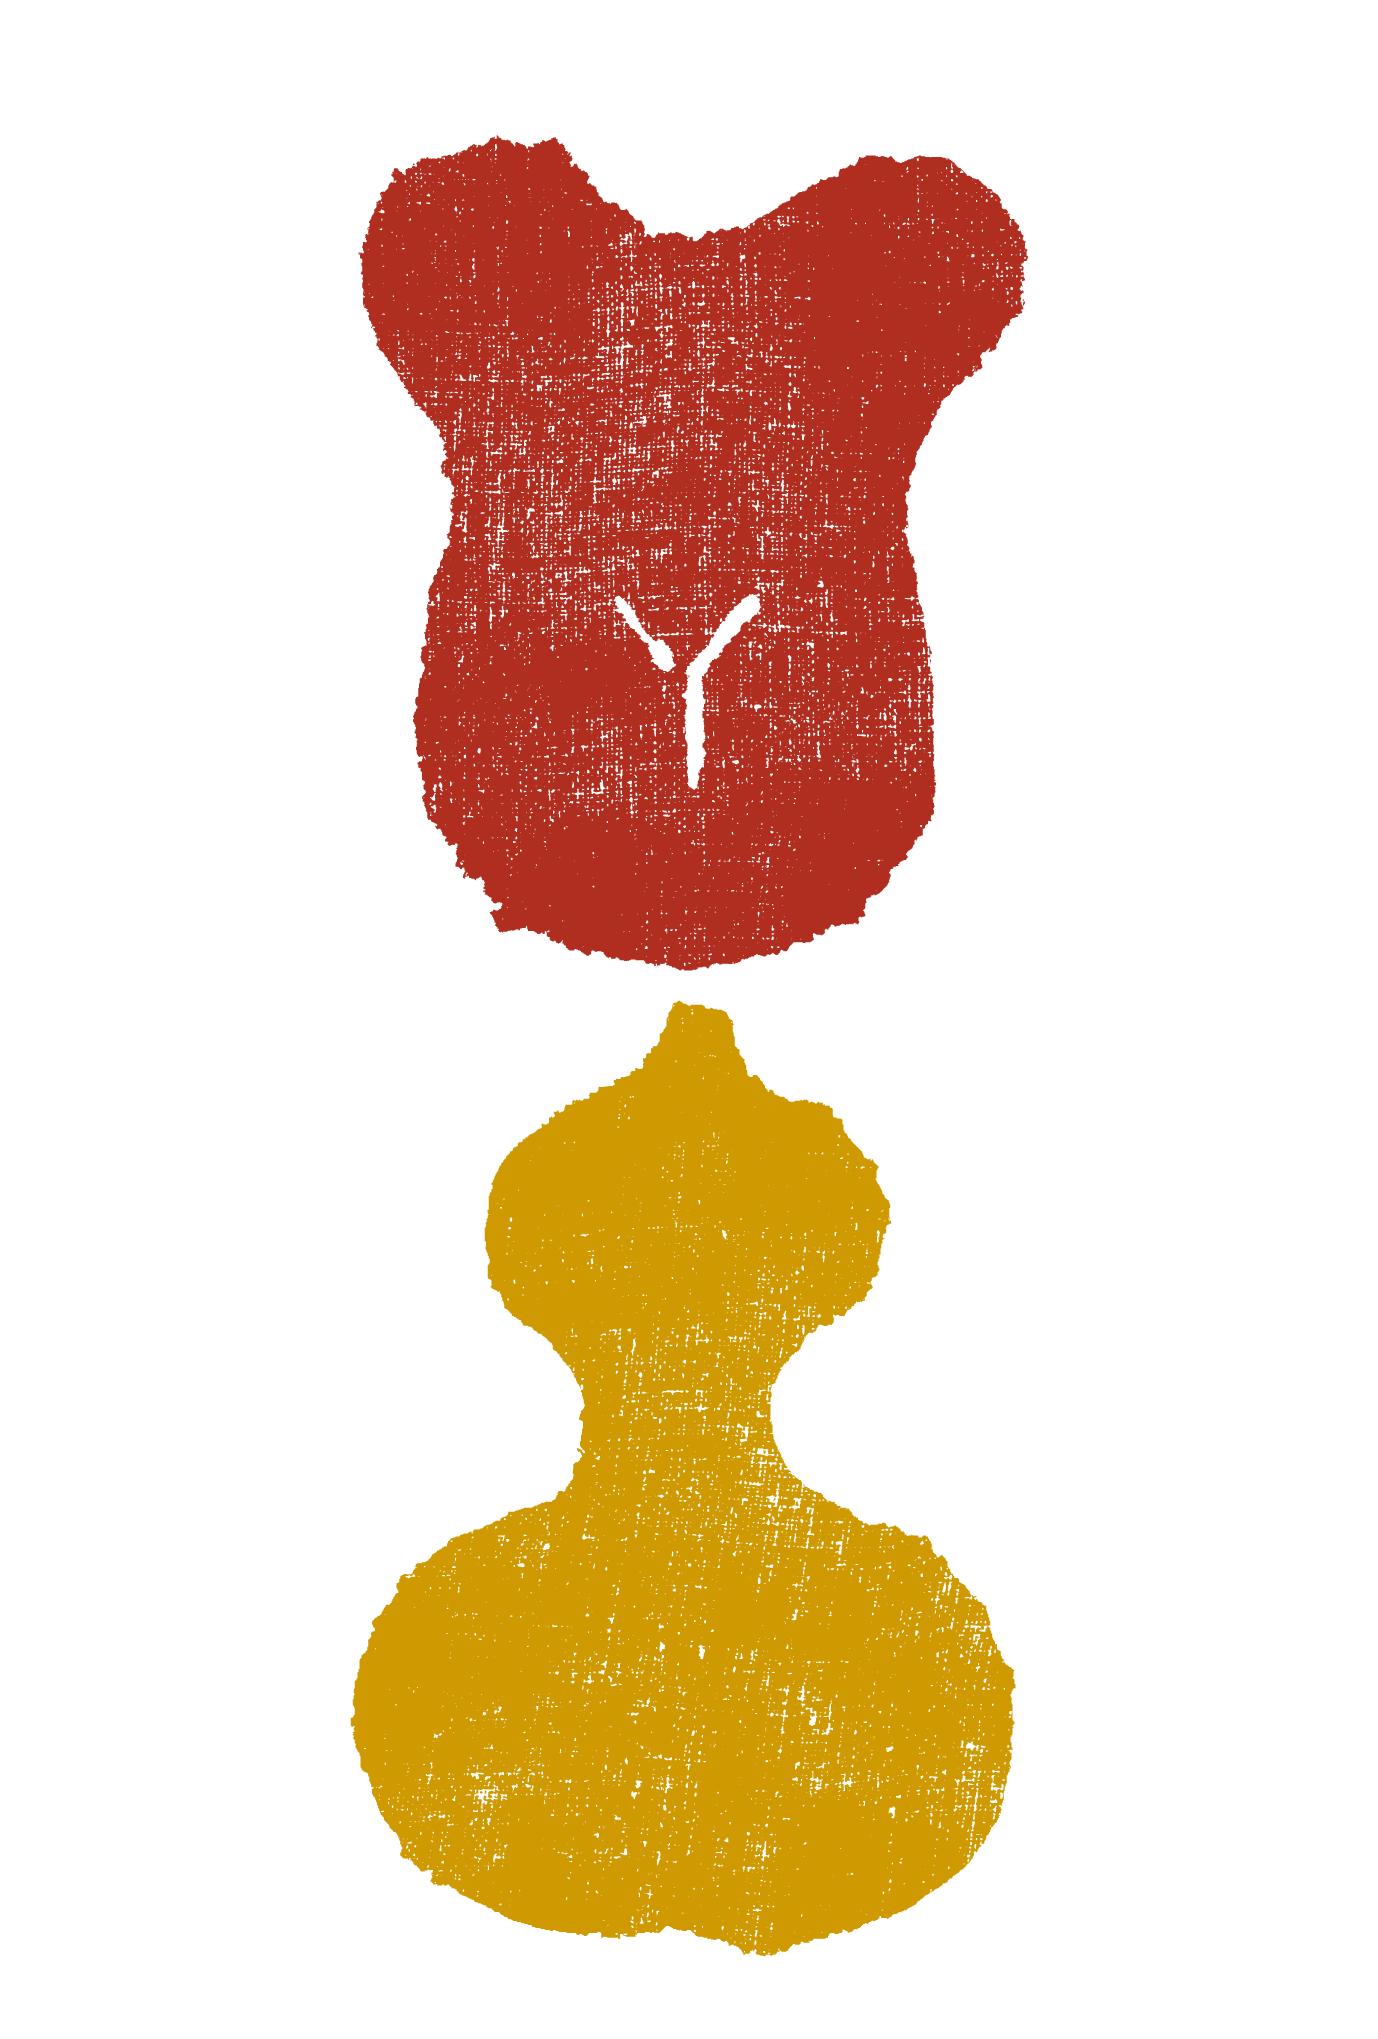 2016年賀状19-2:赤猿と金瓢箪 / 縦のダウンロード画像